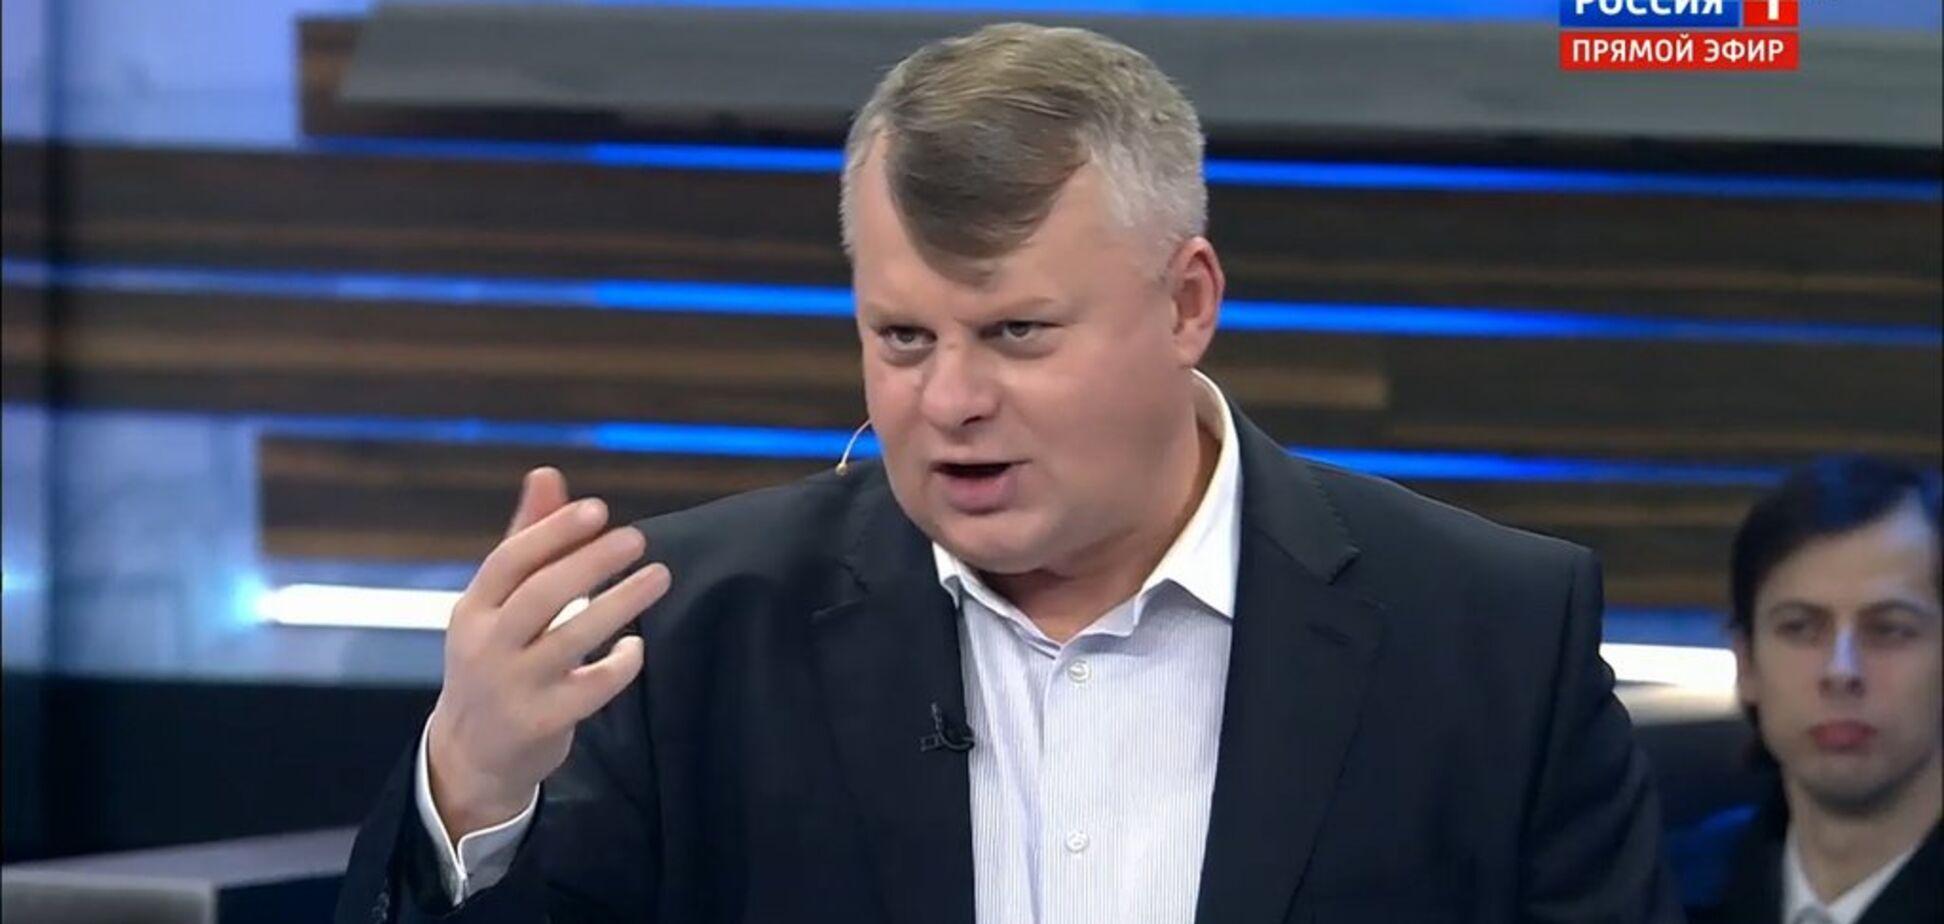 Трюхан розлютив депутата Держдуми яскравою промовою про деокупацію Криму і Донбасу